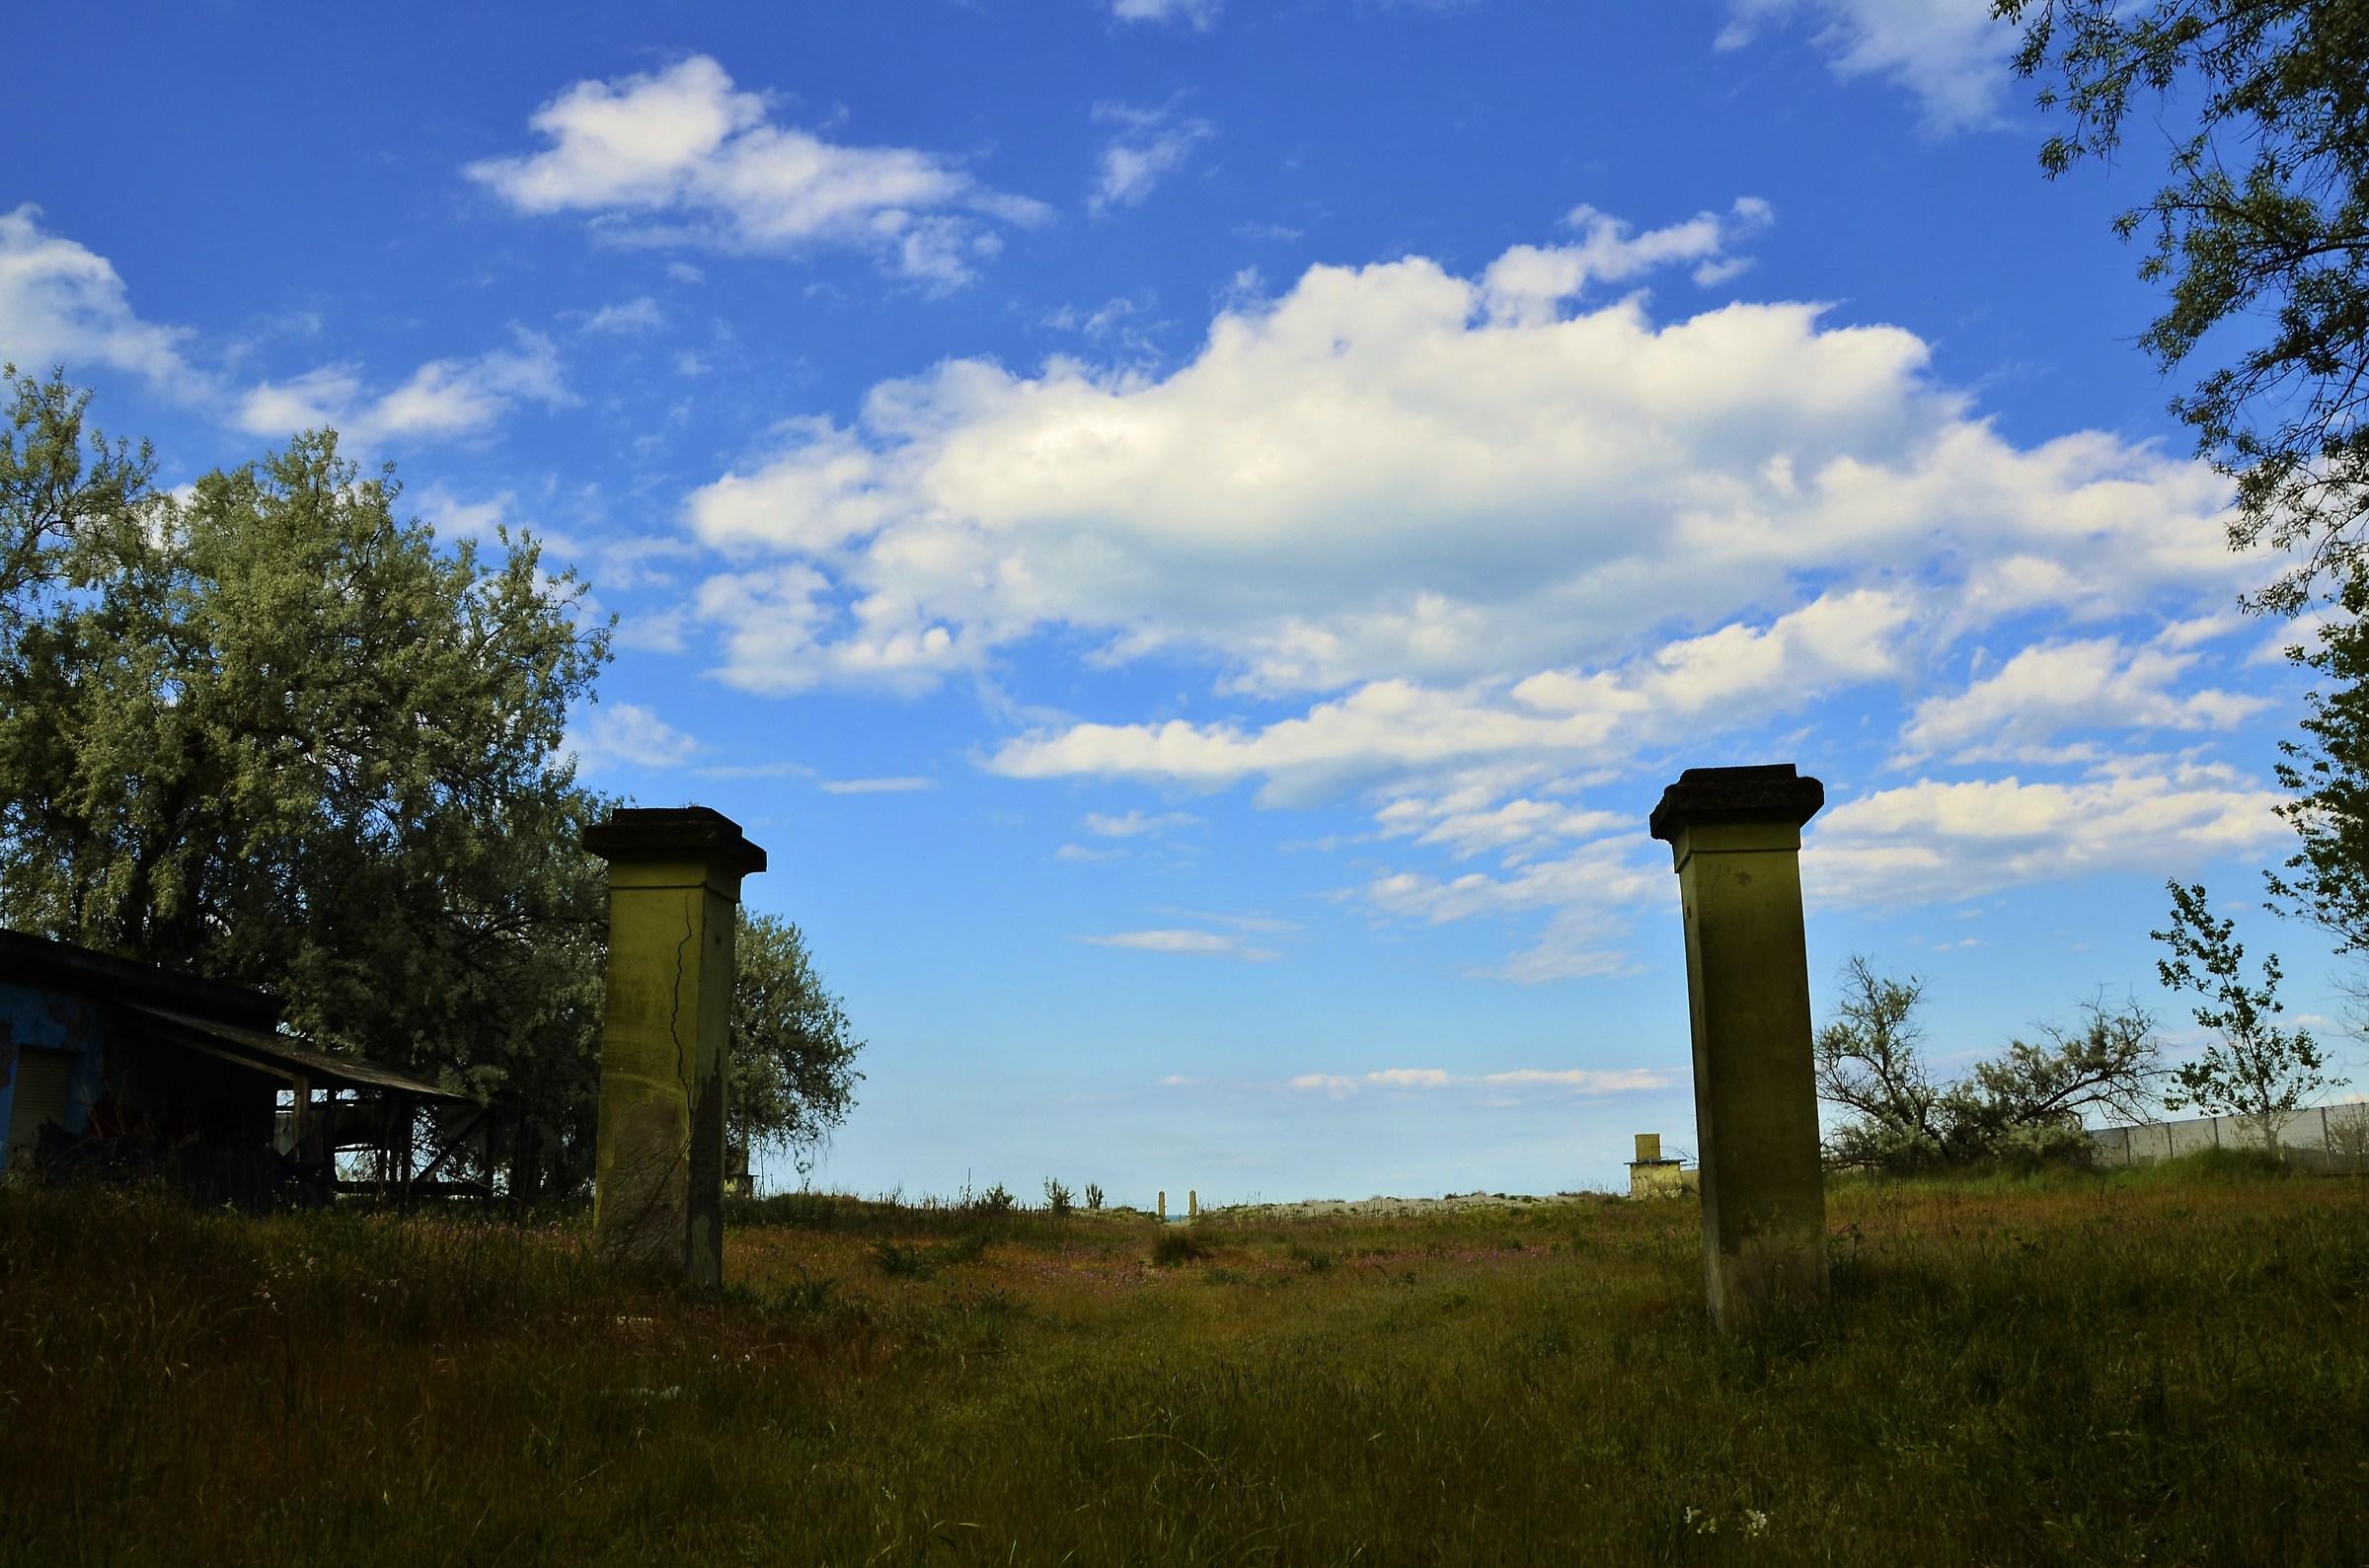 Between columns...